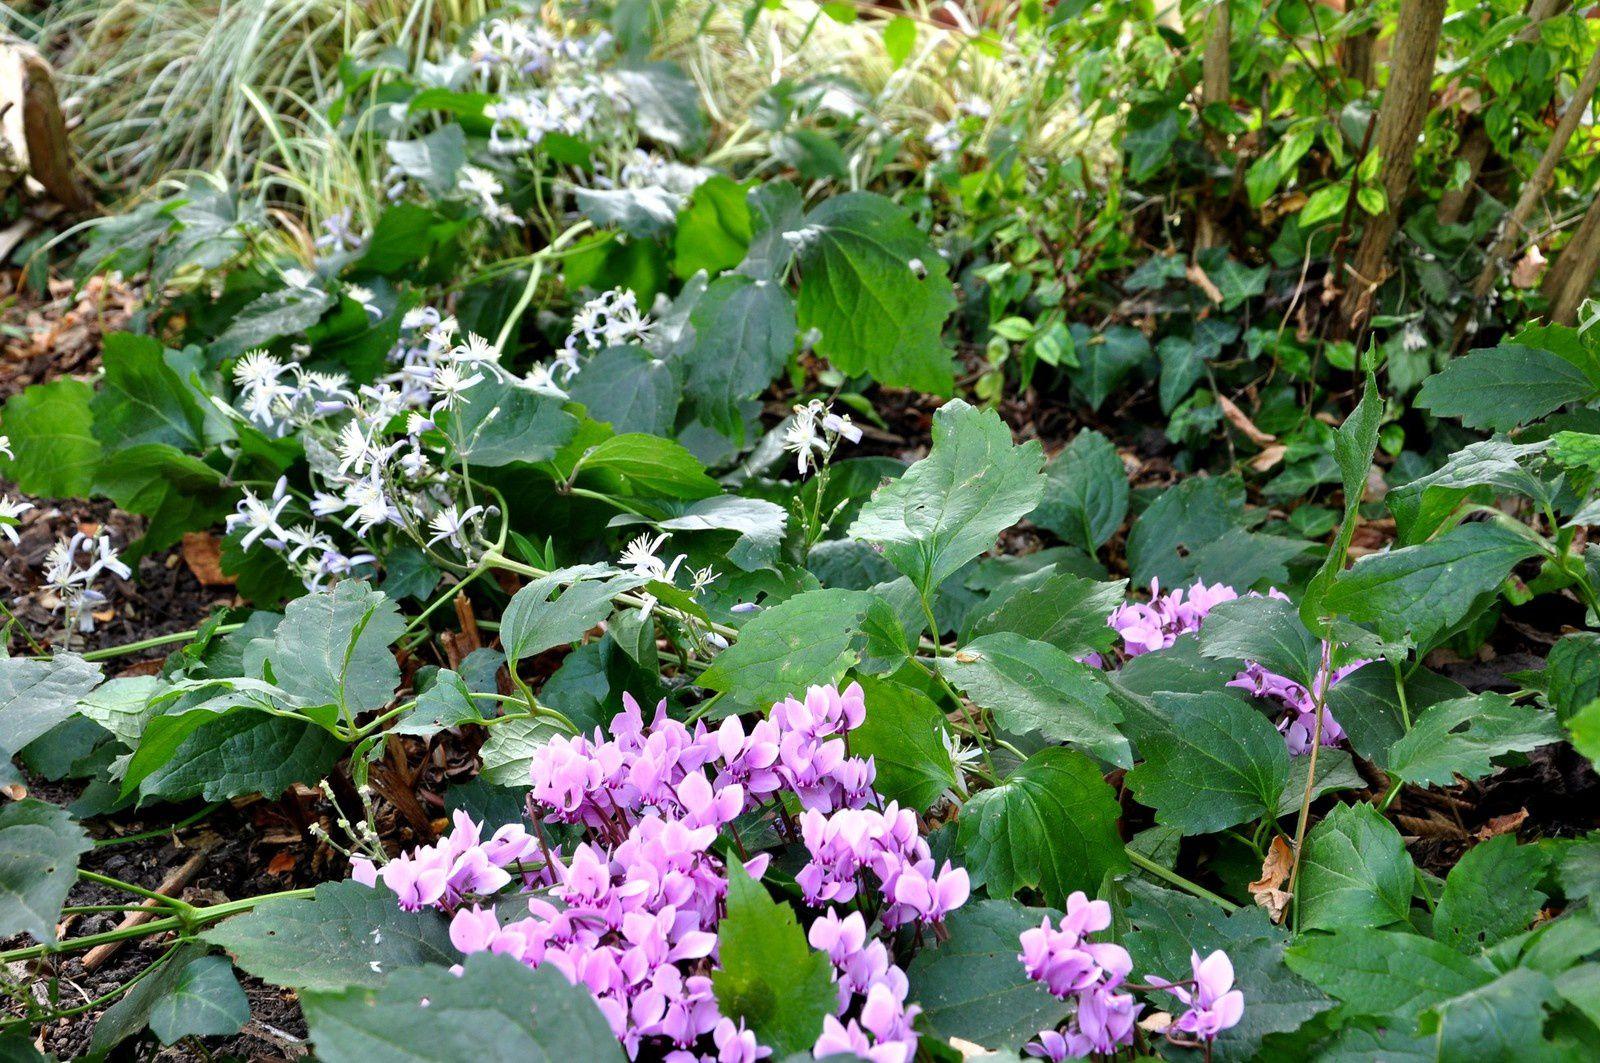 Le jardin continue malgré tout et le sec ne fait pas l'échec